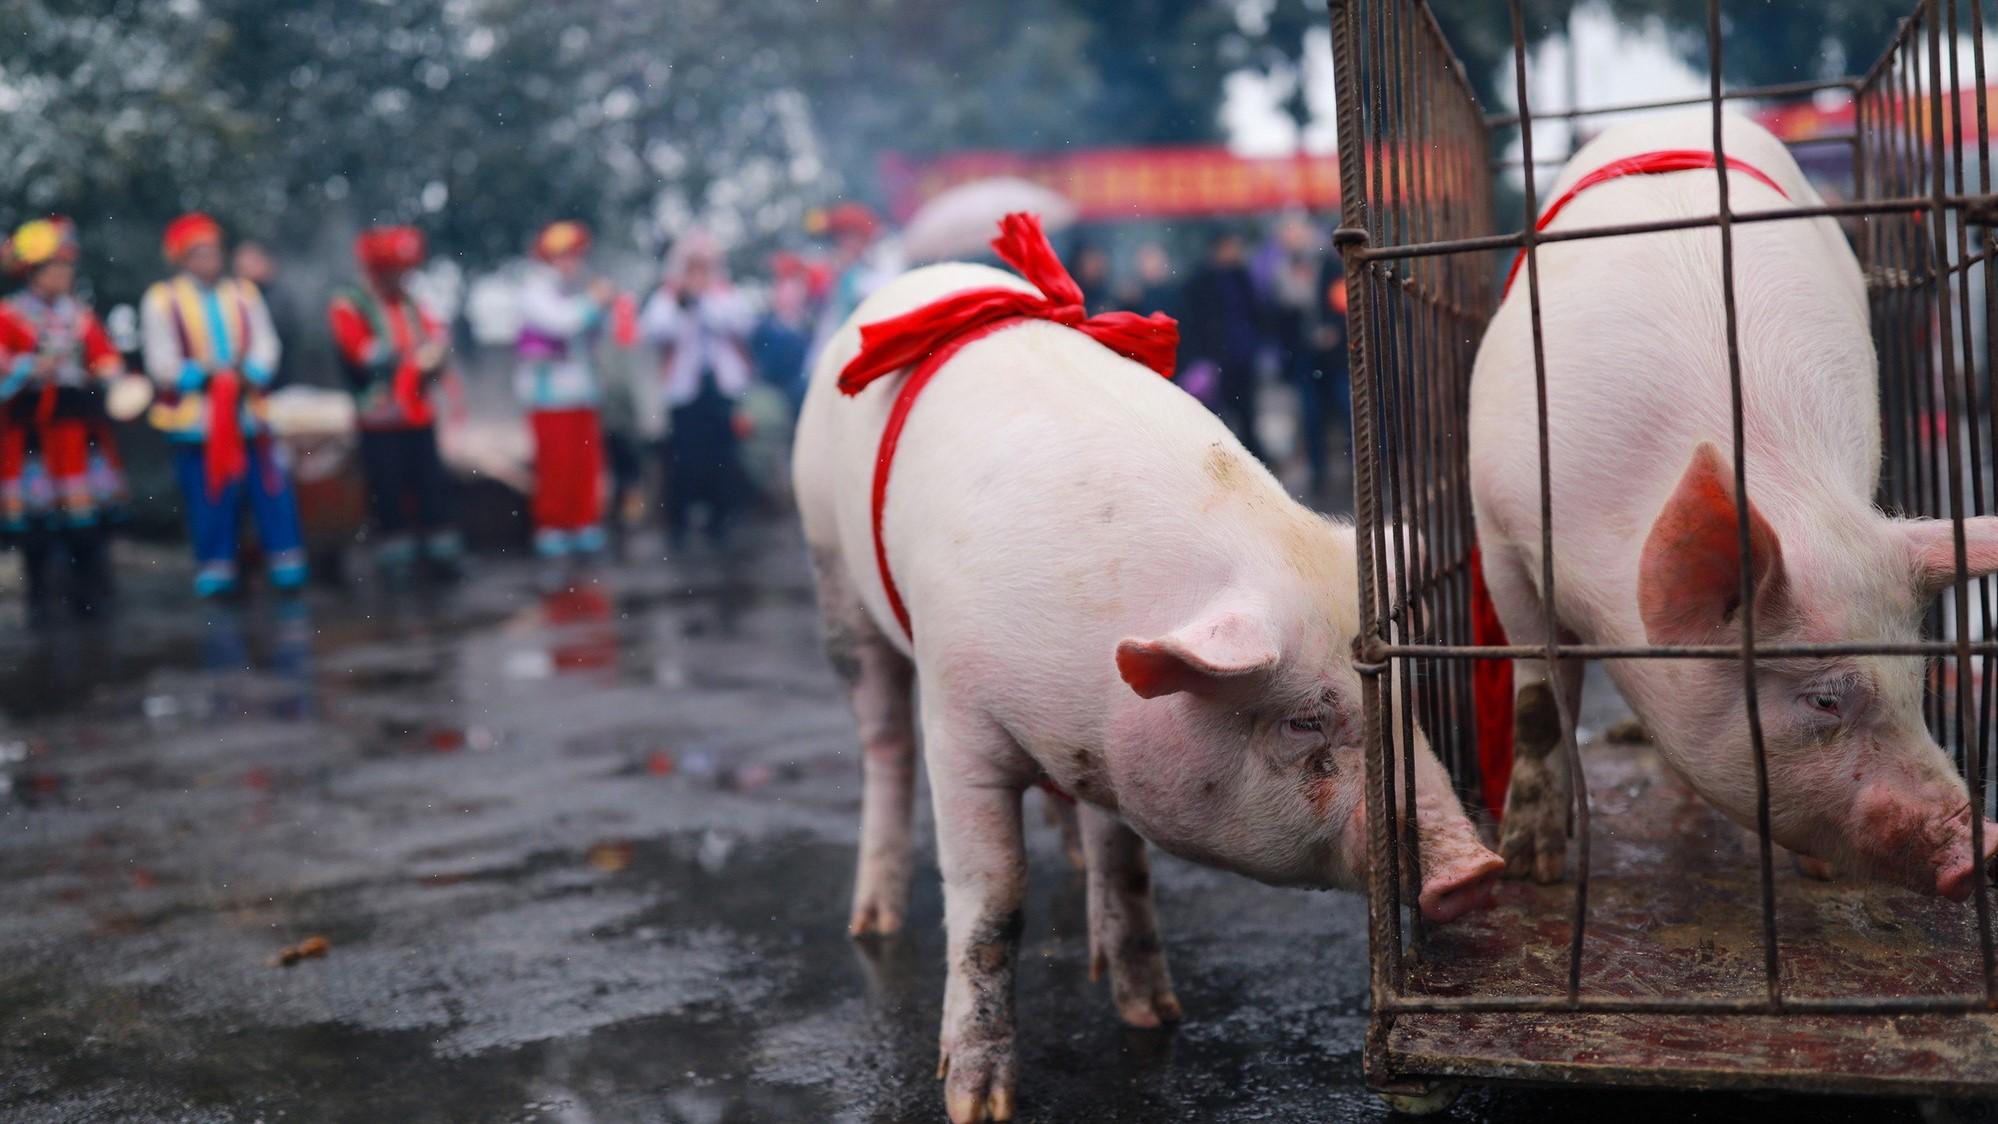 温氏股份(300498.SZ)一季度由盈转亏4.6亿元:猪瘟影响有多少?